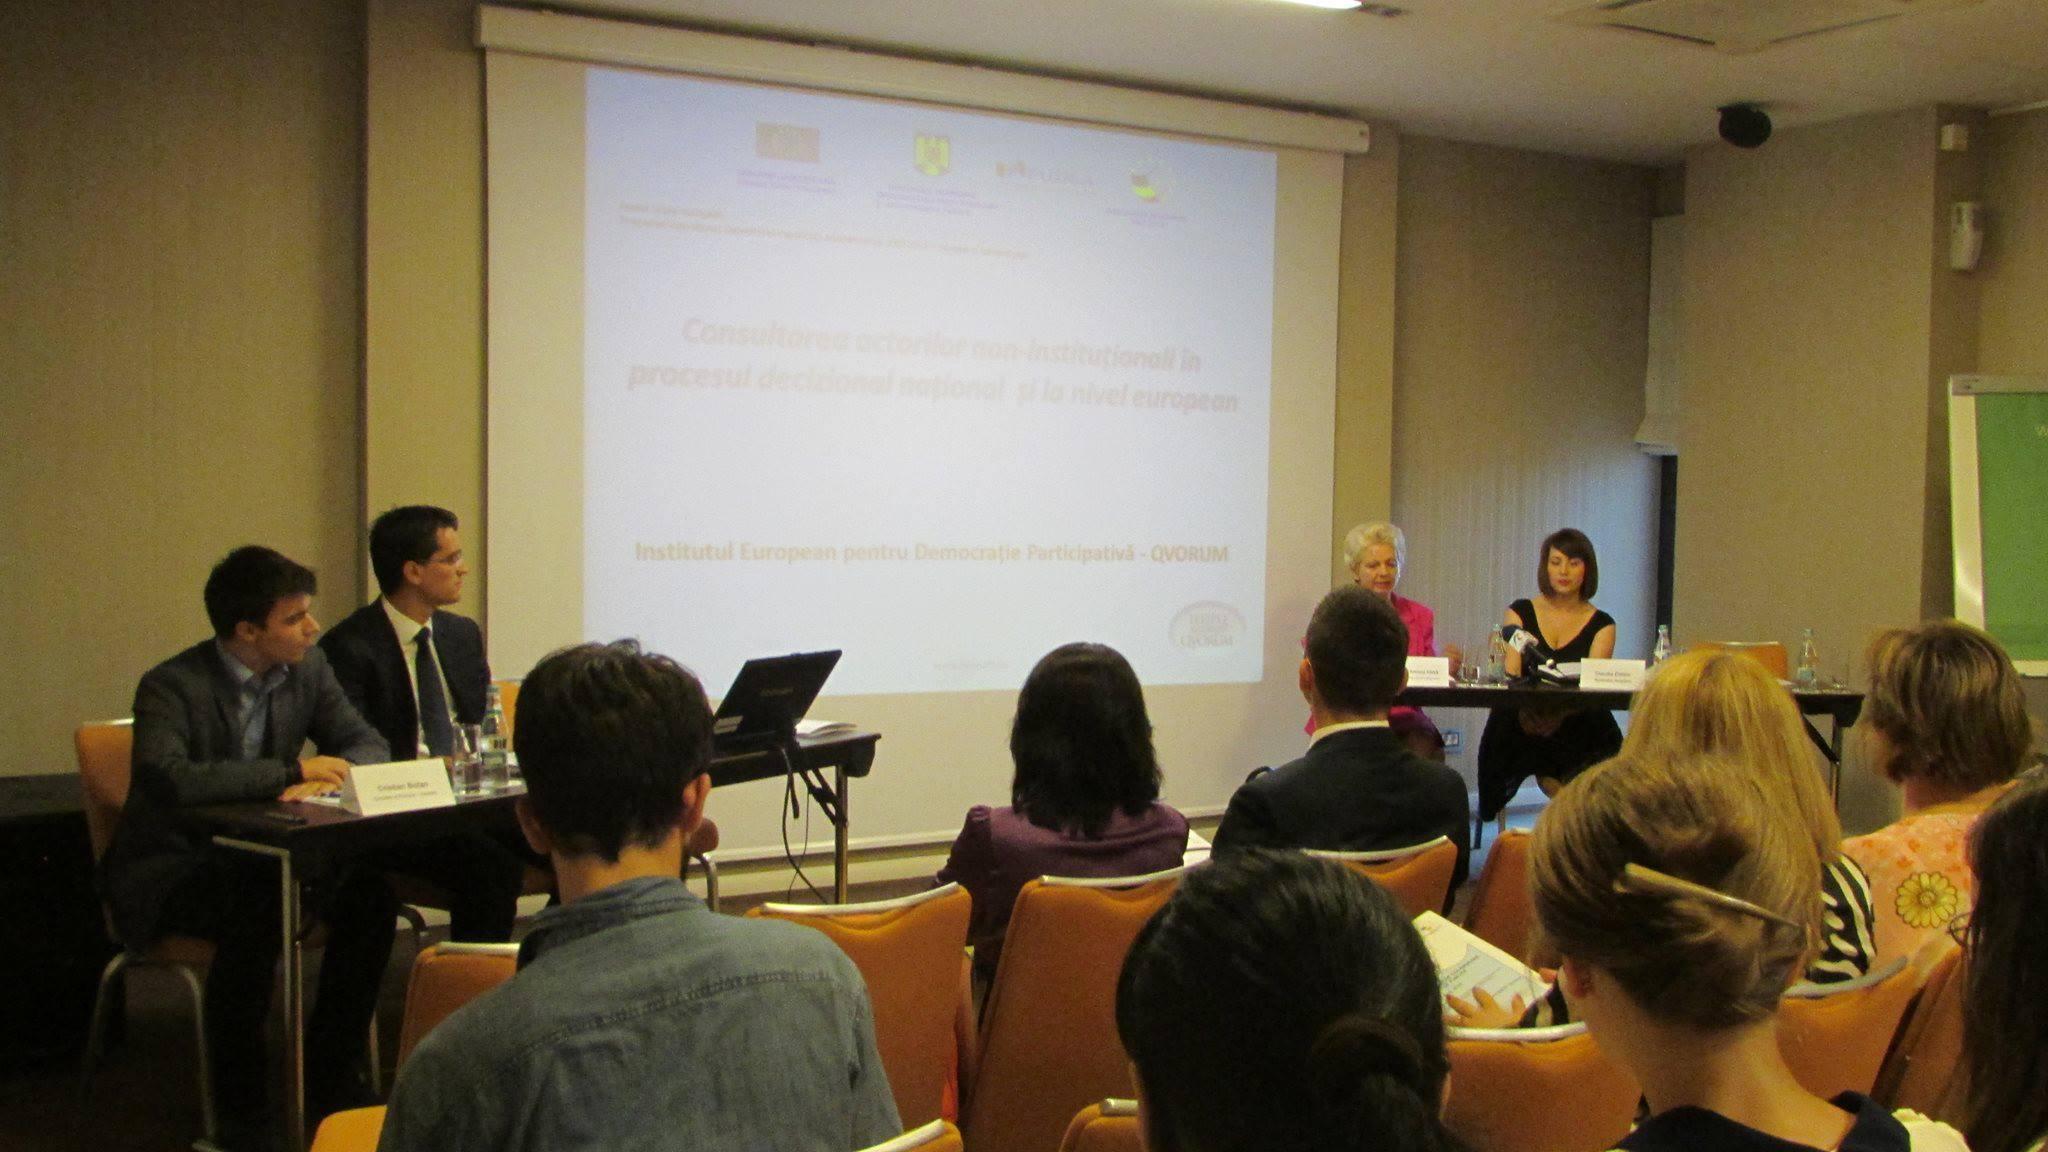 Institutul European pentru Democrație Participativă – Qvorum oferă stagiu plătit în domeniul științelor politice